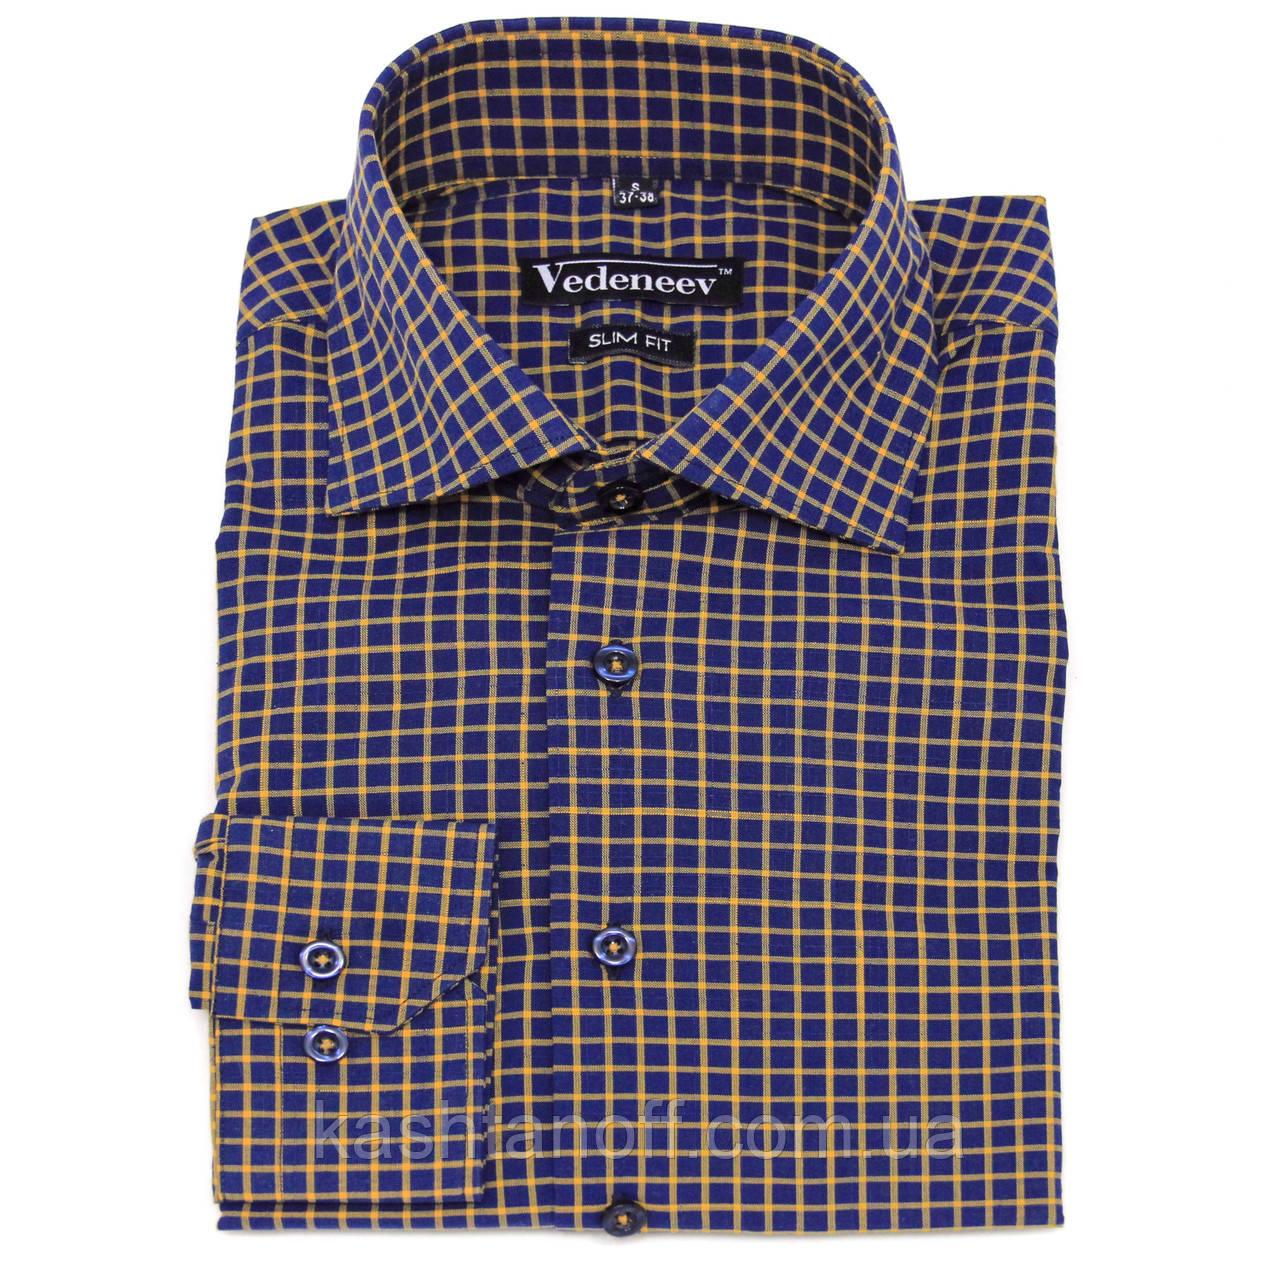 Современная мужская рубашка синего цвета в клетку желтого цвета